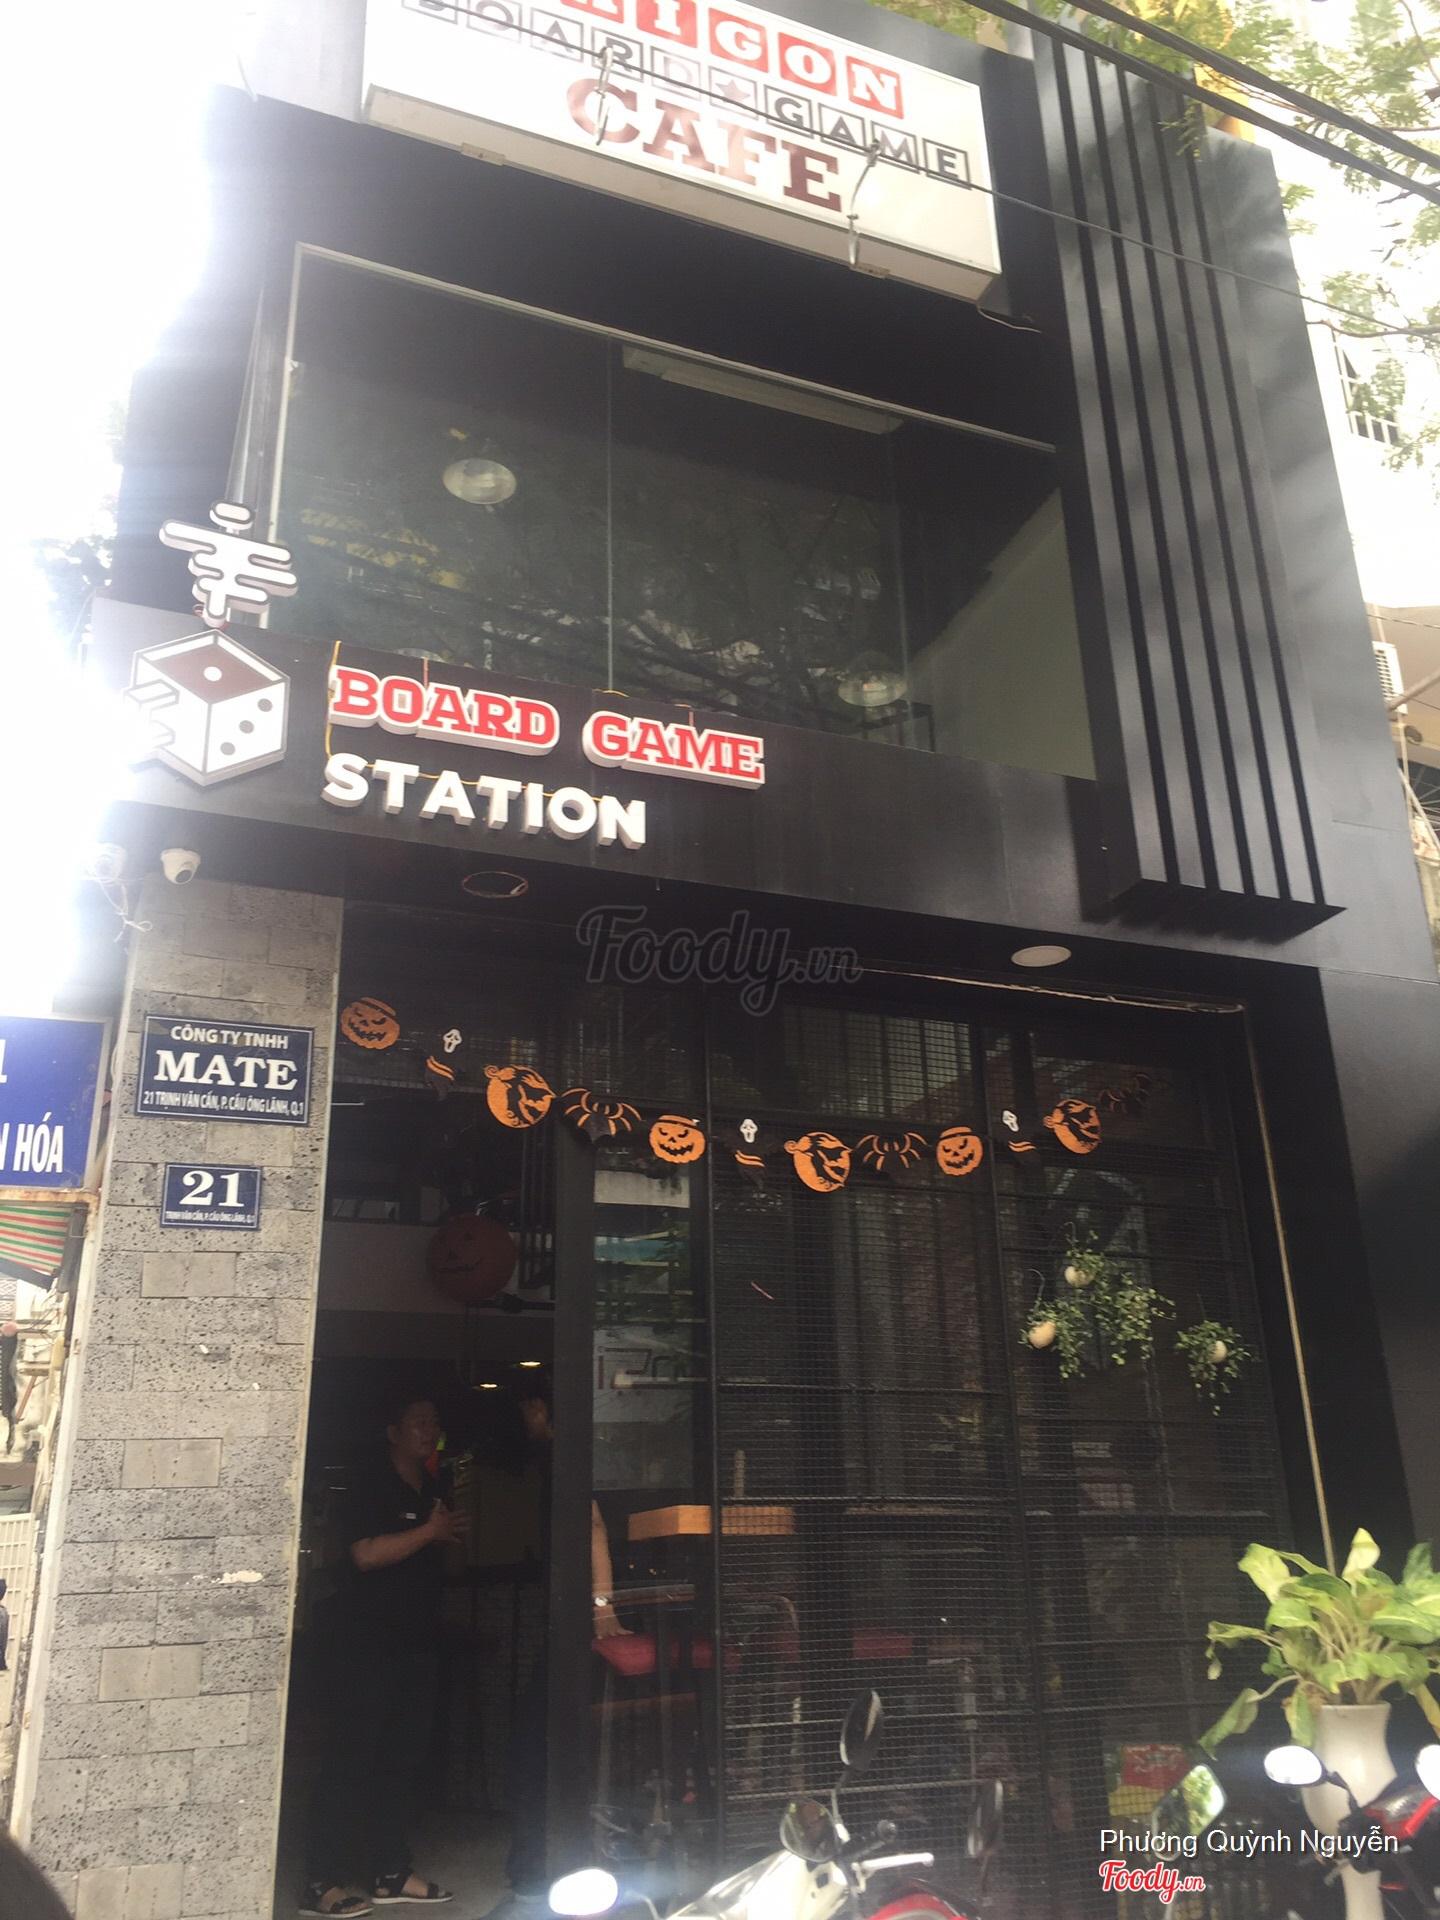 Board Game Station - Trịnh Văn Cấn ở Quận 1, TP. HCM | Album tổng hợp |  Board Game Station - Trịnh Văn Cấn | Foody.vn